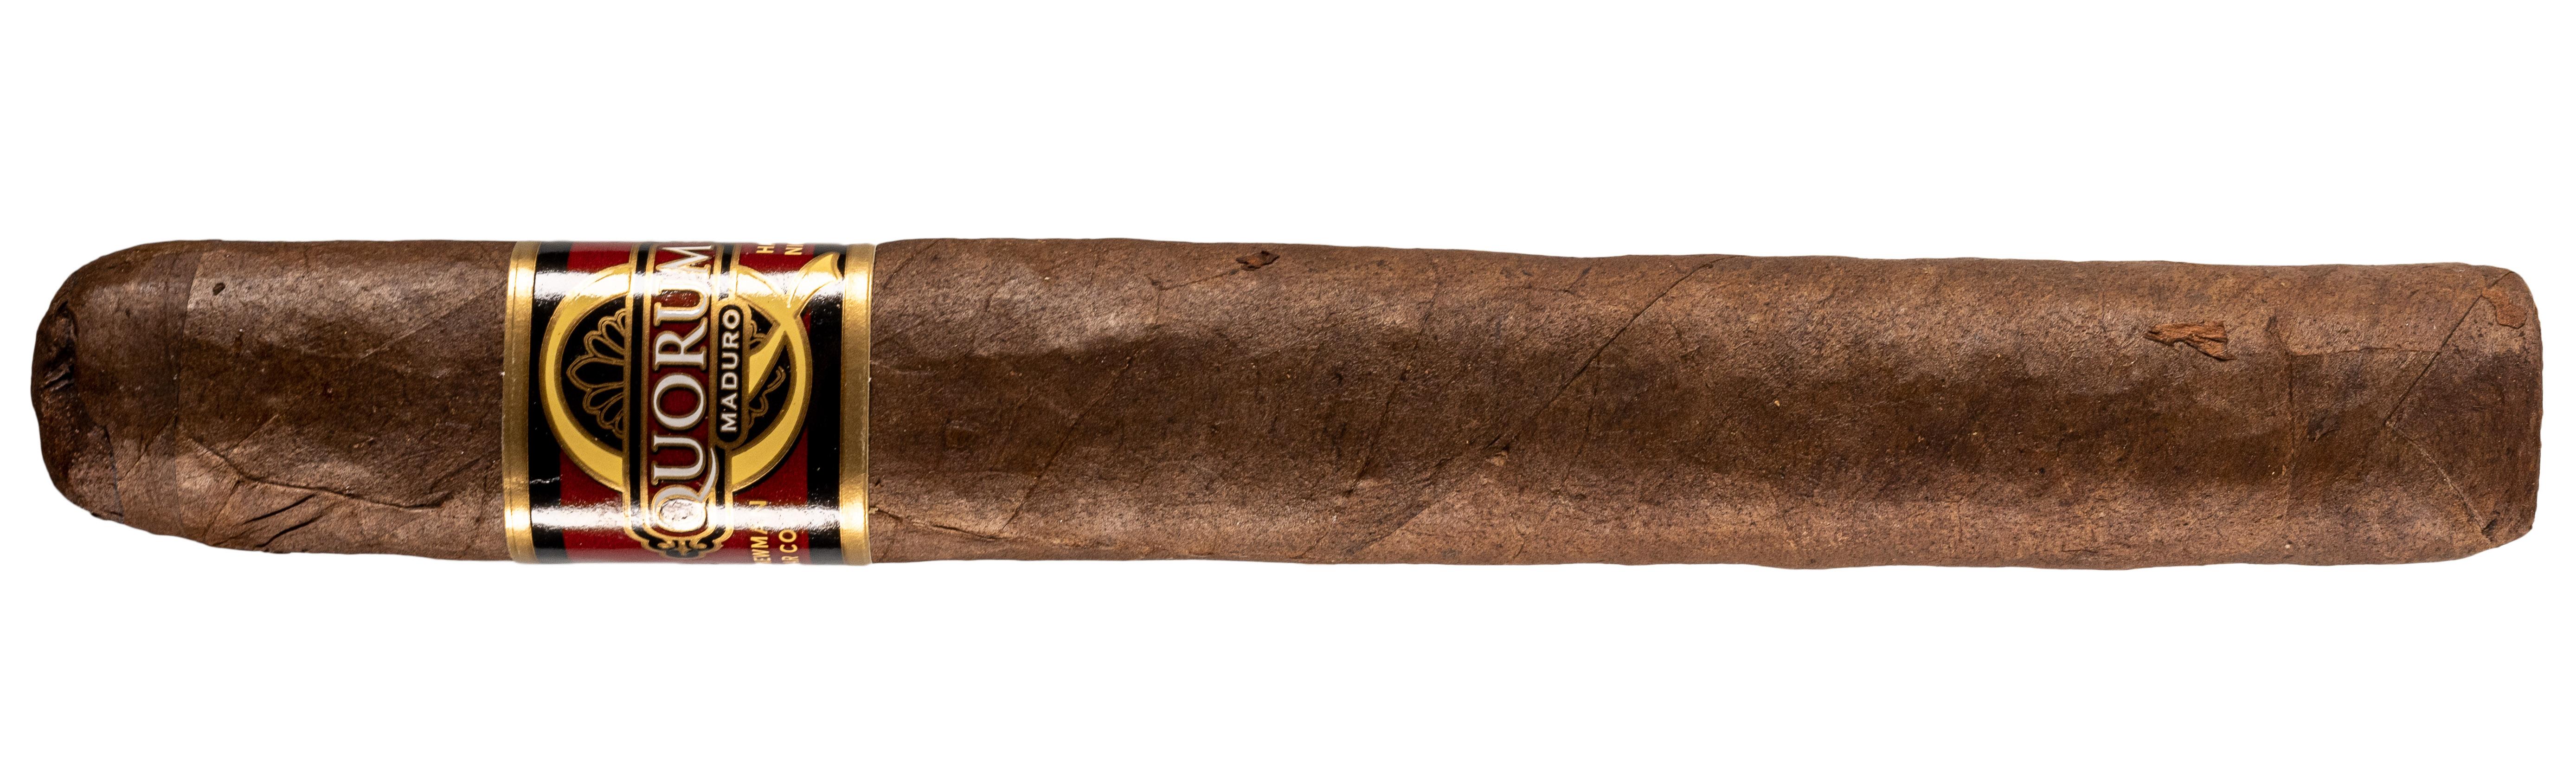 Blind Cigar Review: Quorum   Maduro Toro